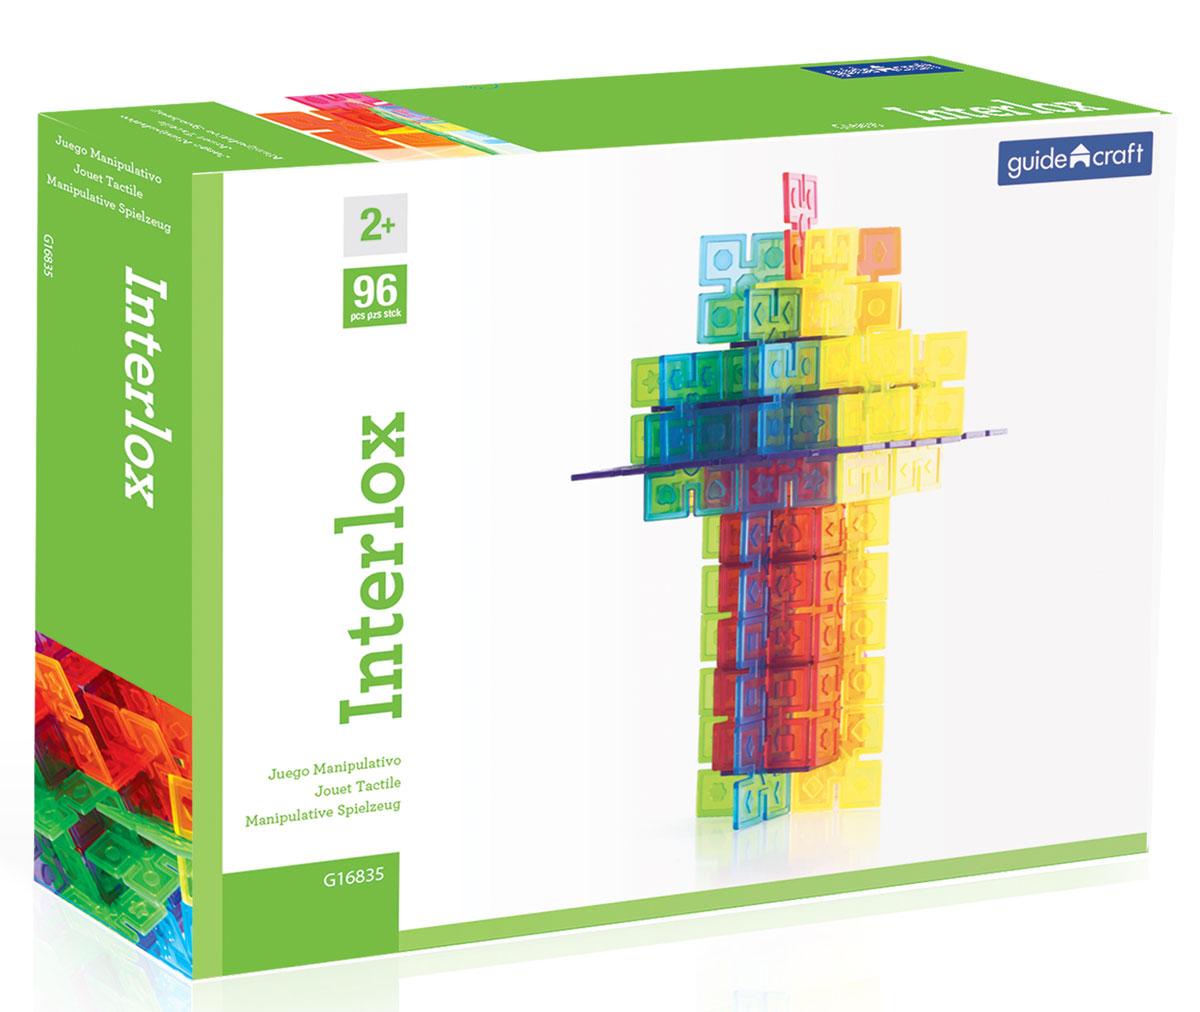 Guide Craft Конструктор пластиковый Interlox конструкторы guidecraft конструктор interlox квадратный 96 дет